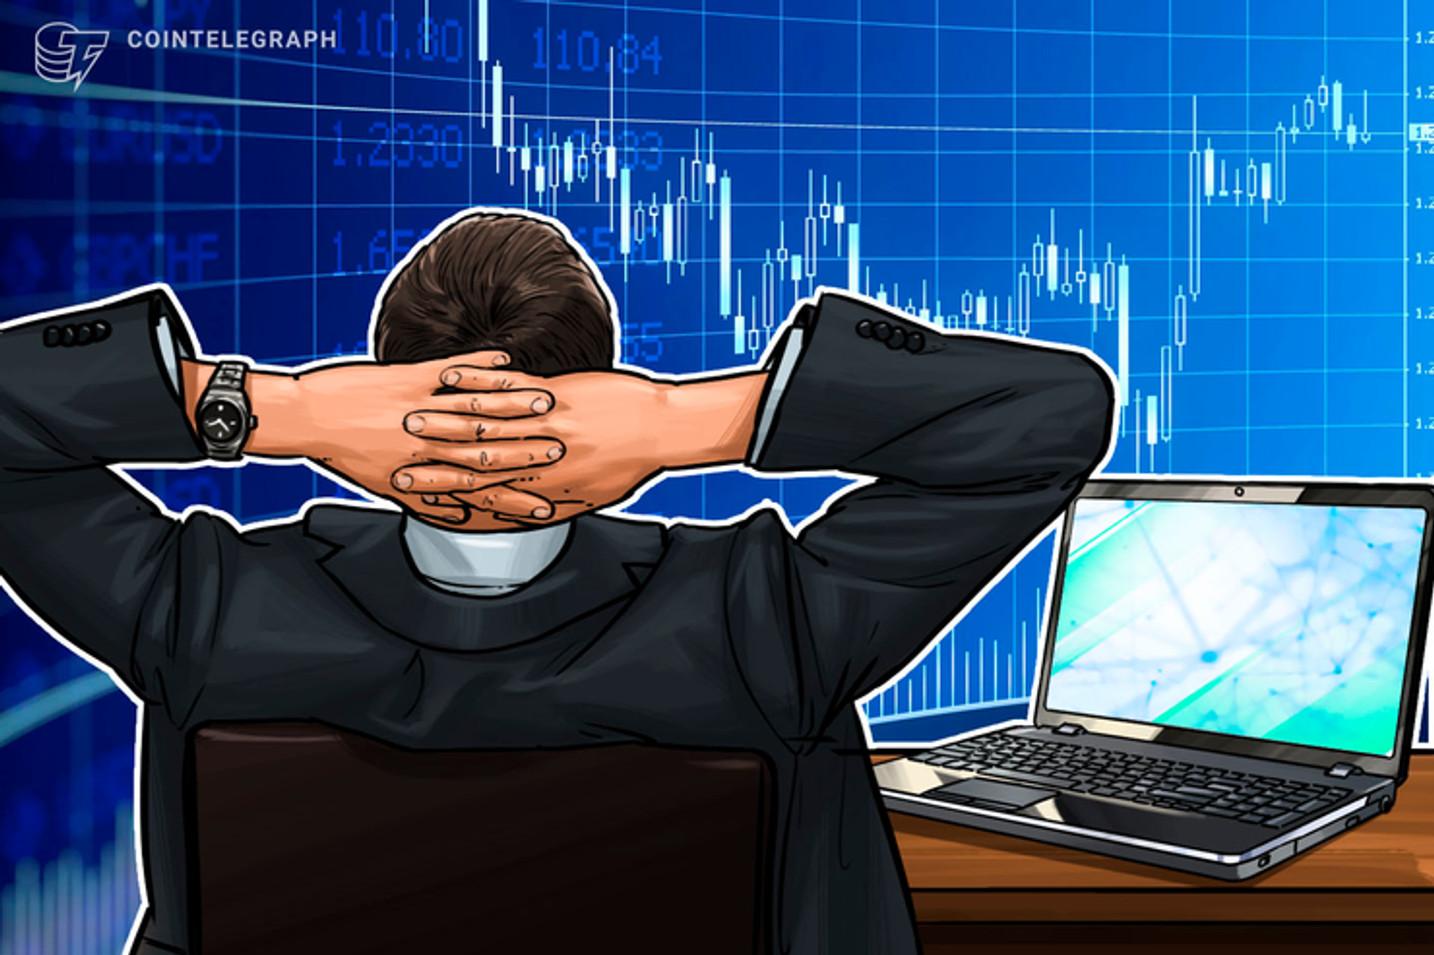 Lykke lanciert Investment-Token als Short-Zertifikat für Kryptowährungen